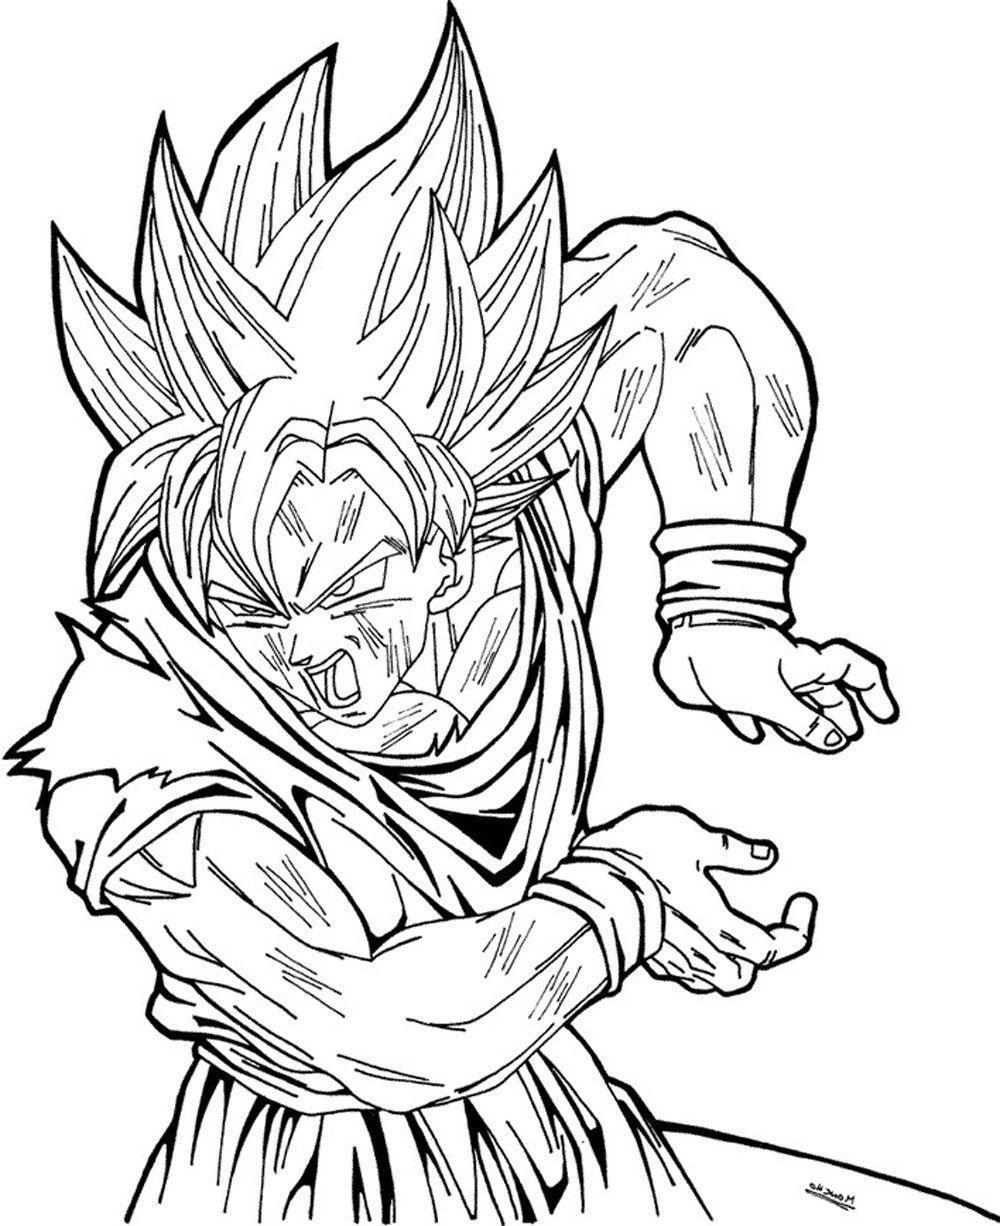 Dibujo de Son Goku sayan haciendo un k | Imagen para colorear ...